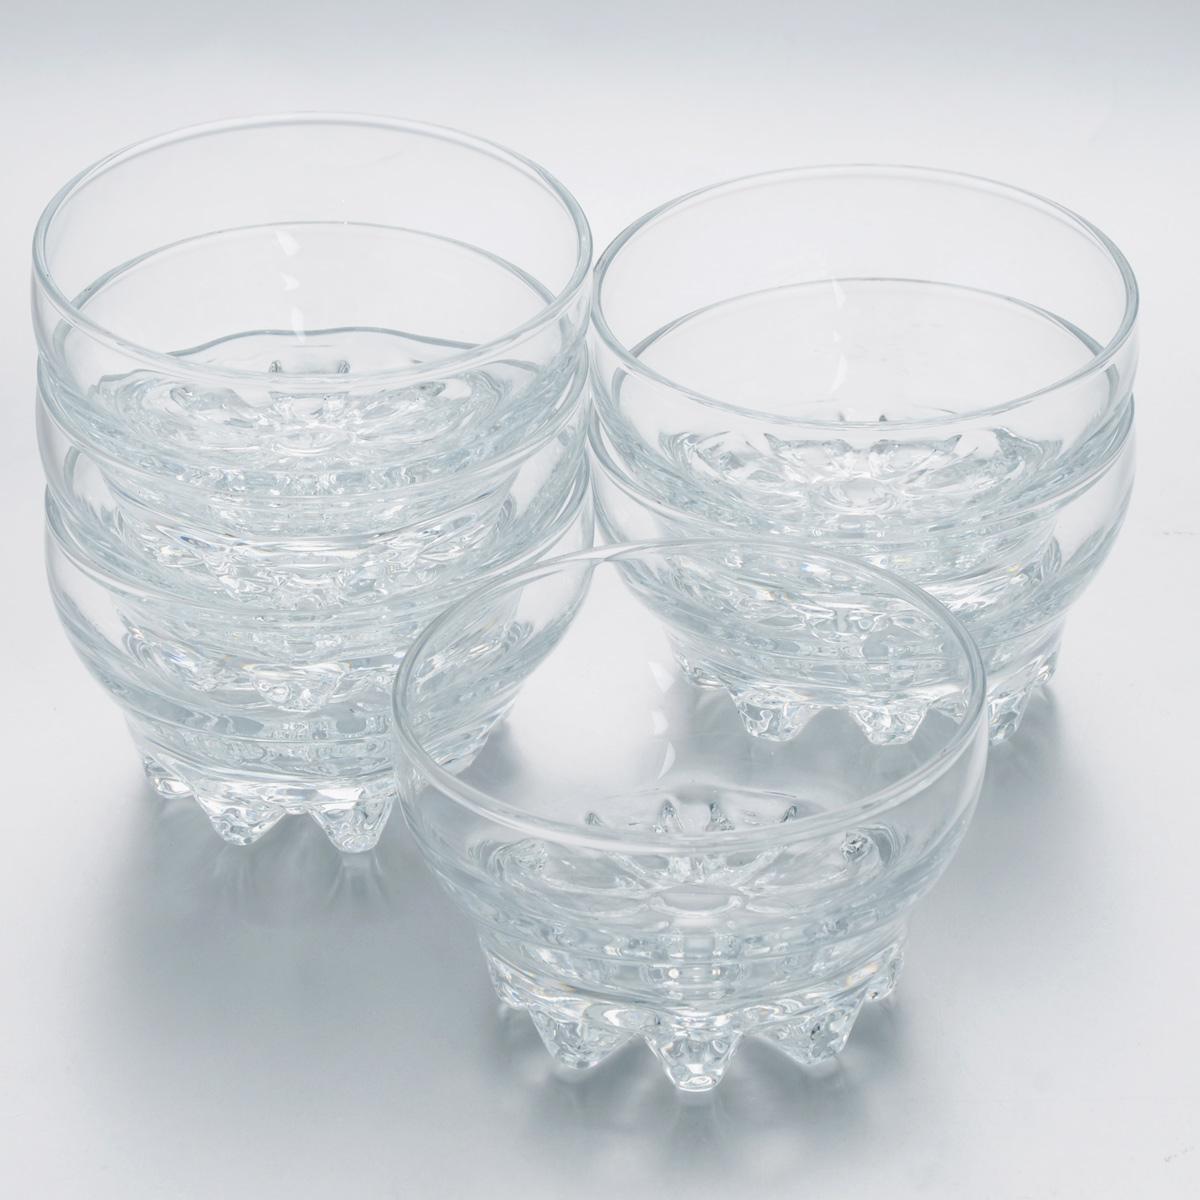 Набор салатников Pasabahce Sylvana, диаметр 10,2 см, 6 шт43258BНабор Pasabahce Sylvana, выполненный из высококачественного натрий-кальций-силикатного стекла, состоит из шести салатников. Такие салатники прекрасно подходят для порционной сервировки десертов, а также варенья, различных соусов и закусок.Изящный дизайн, высокое качество и функциональность набора Pasabahce Sylvana позволят ему стать достойным дополнением к вашему кухонному инвентарю.Можно мыть в посудомоечной машине, использовать в микроволновой печи, холодильнике и морозильной камере.Диаметр салатника: 10,2 см.